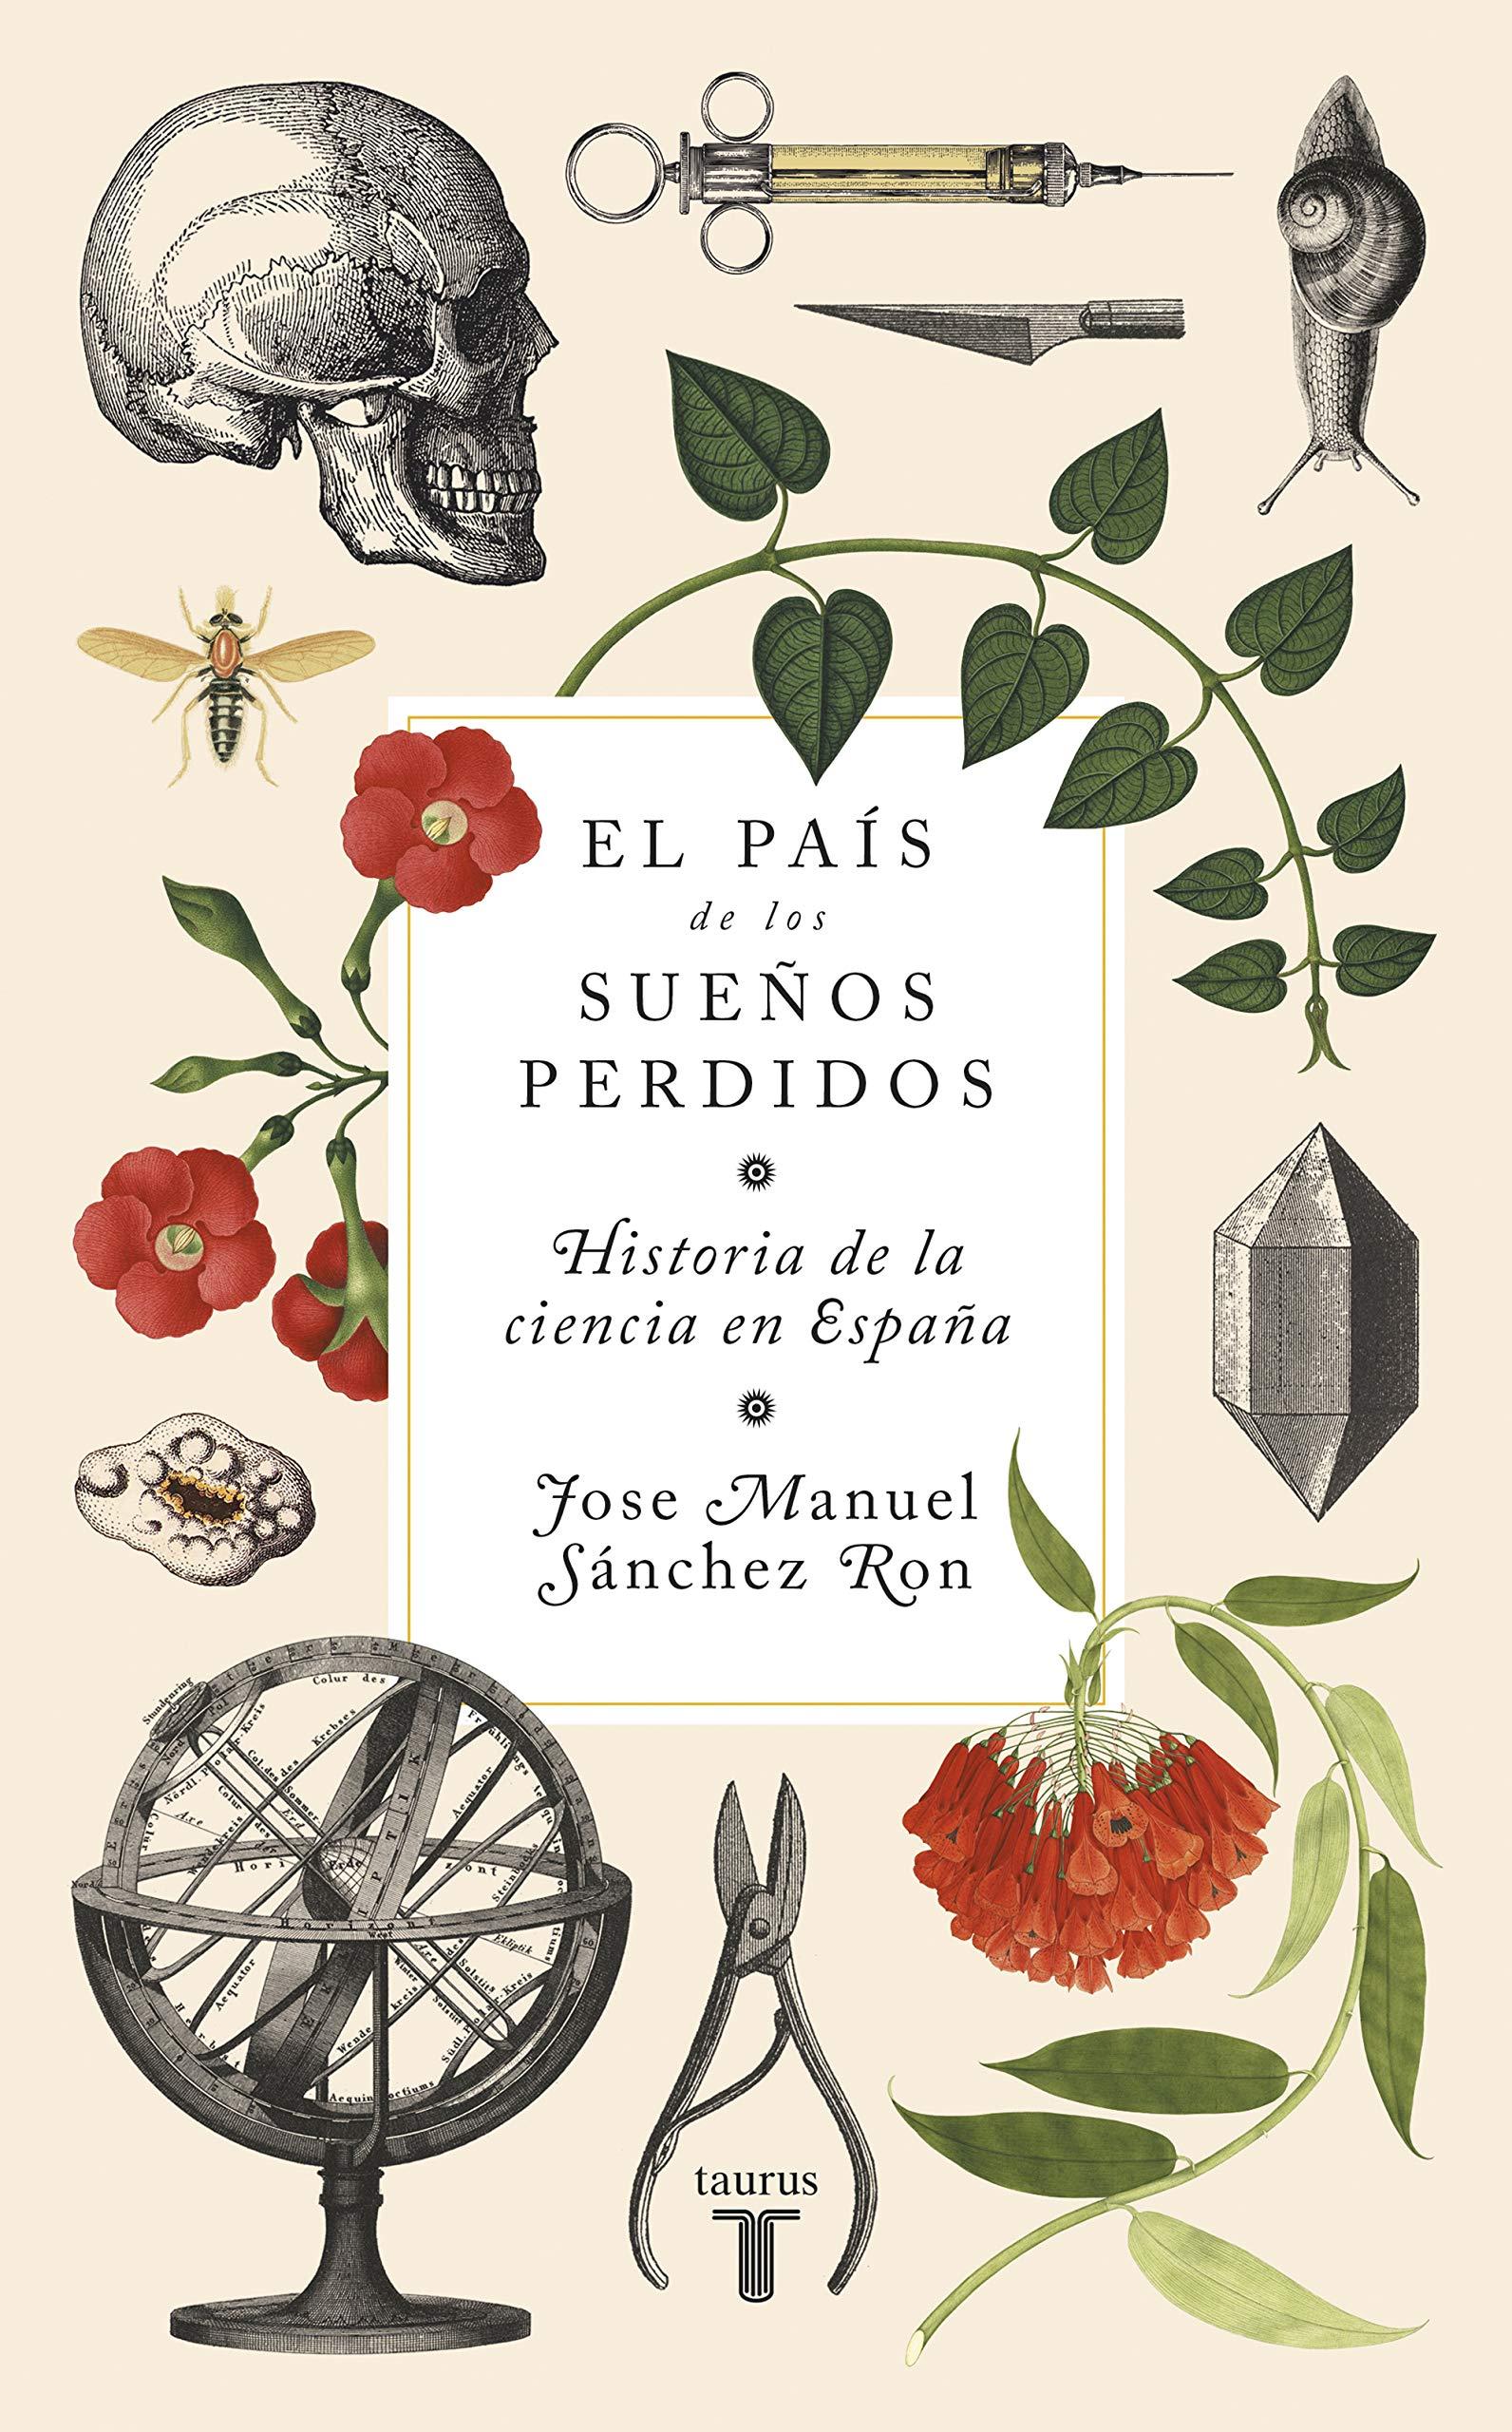 El país de los sueños perdidos: Historia de la ciencia en España: Amazon.es: Sánchez Ron, José Manuel: Libros